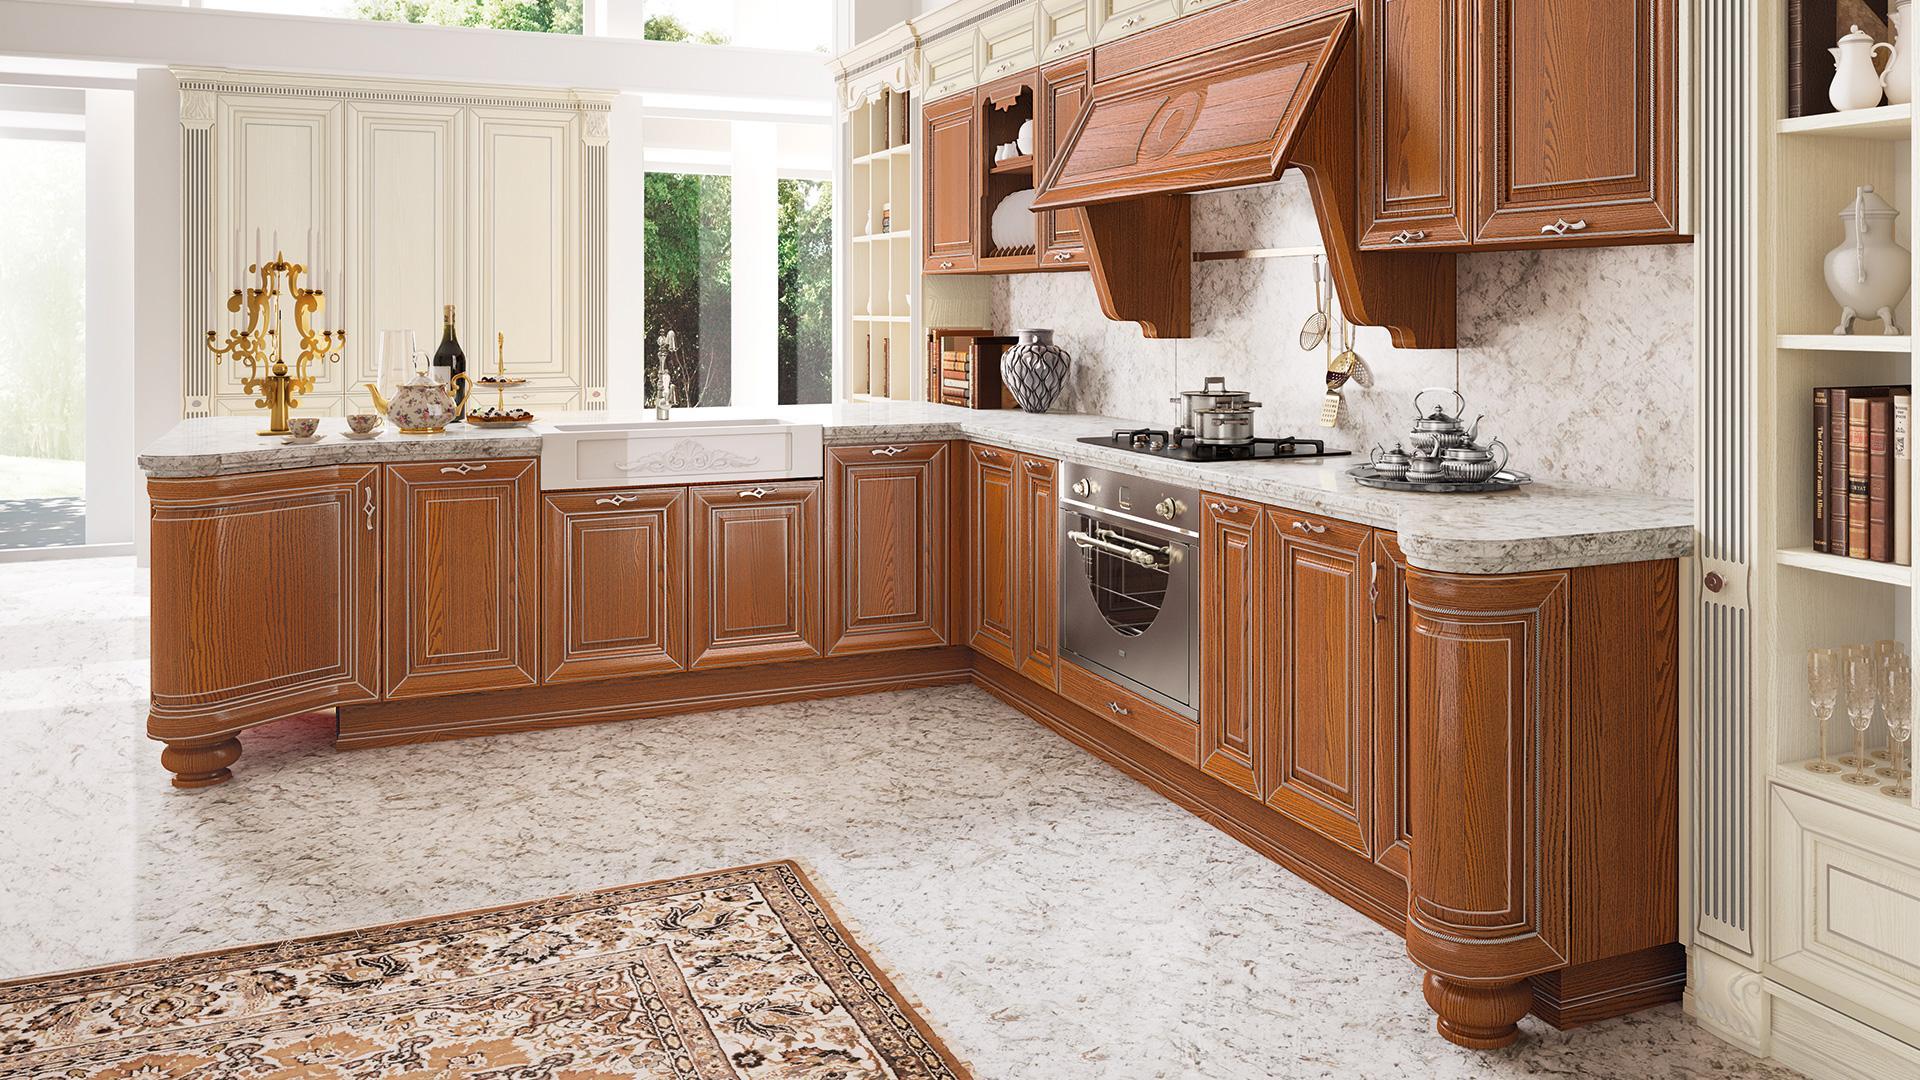 Cucina rustica le soluzioni classiche di lube store per arredare lube store milano le - Soluzioni no piastrelle cucina ...